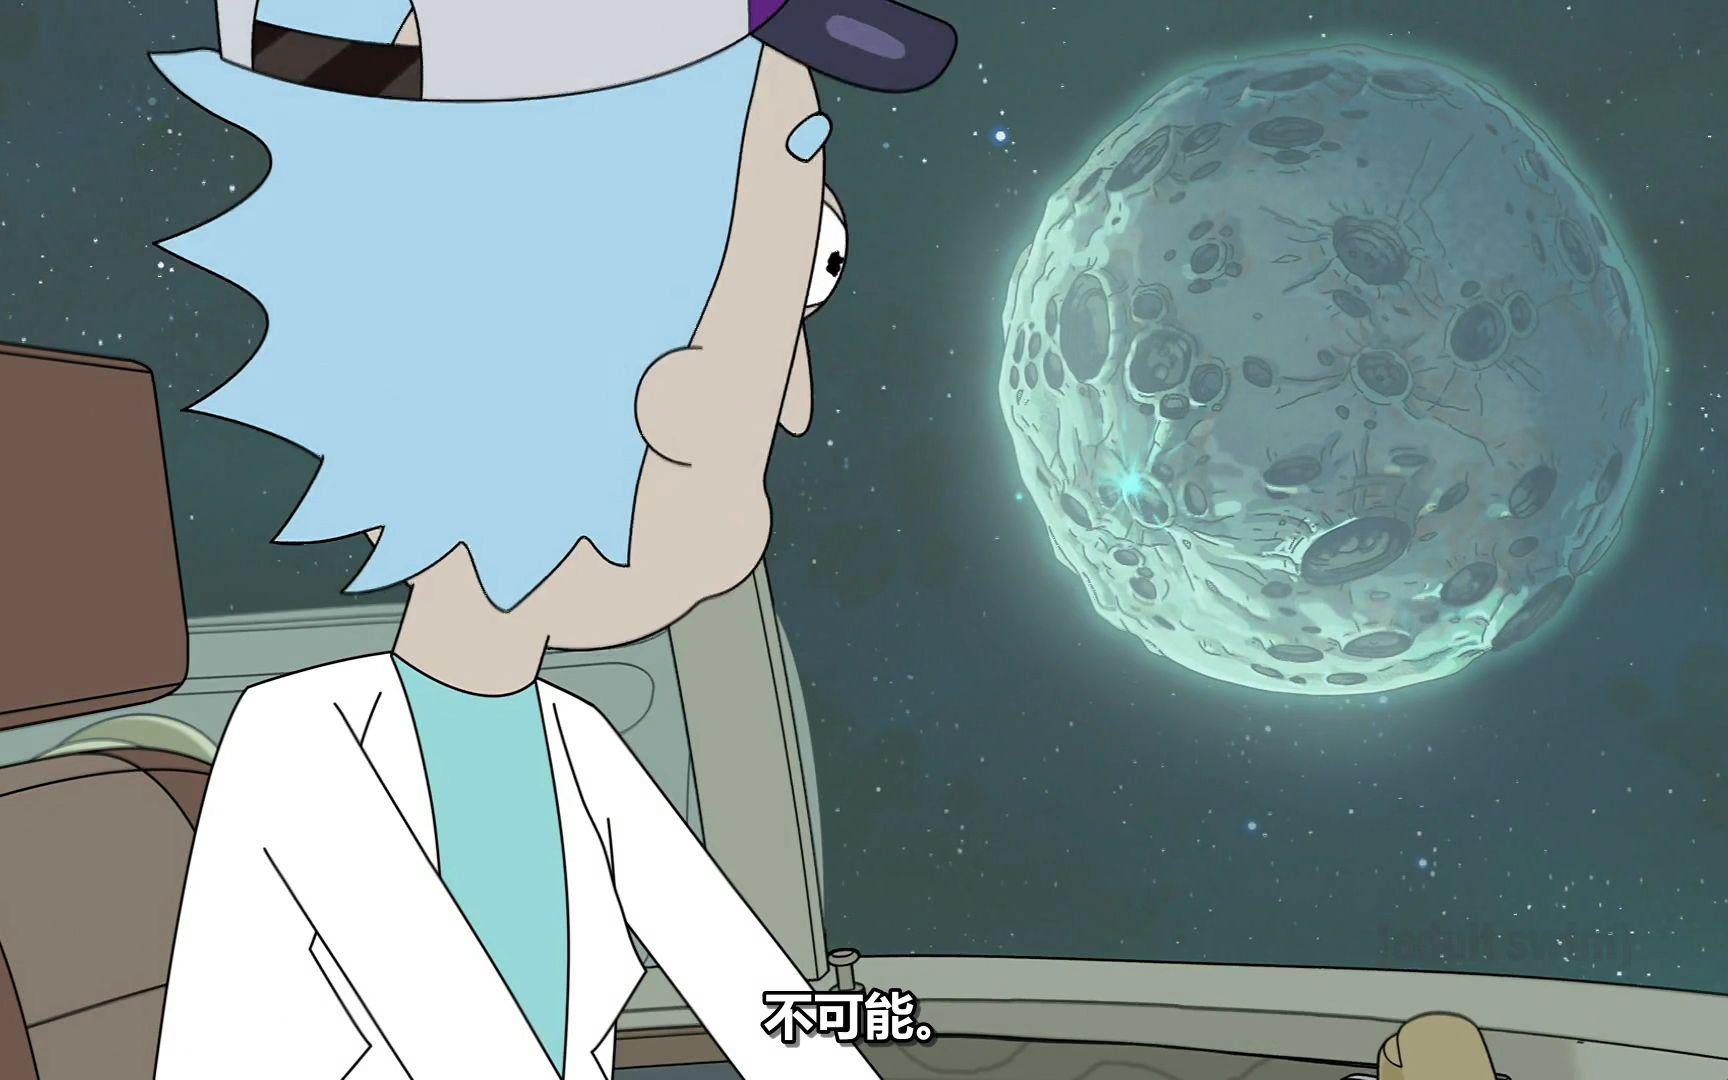 瑞克和莫蒂,第五季,第七集,精彩片段